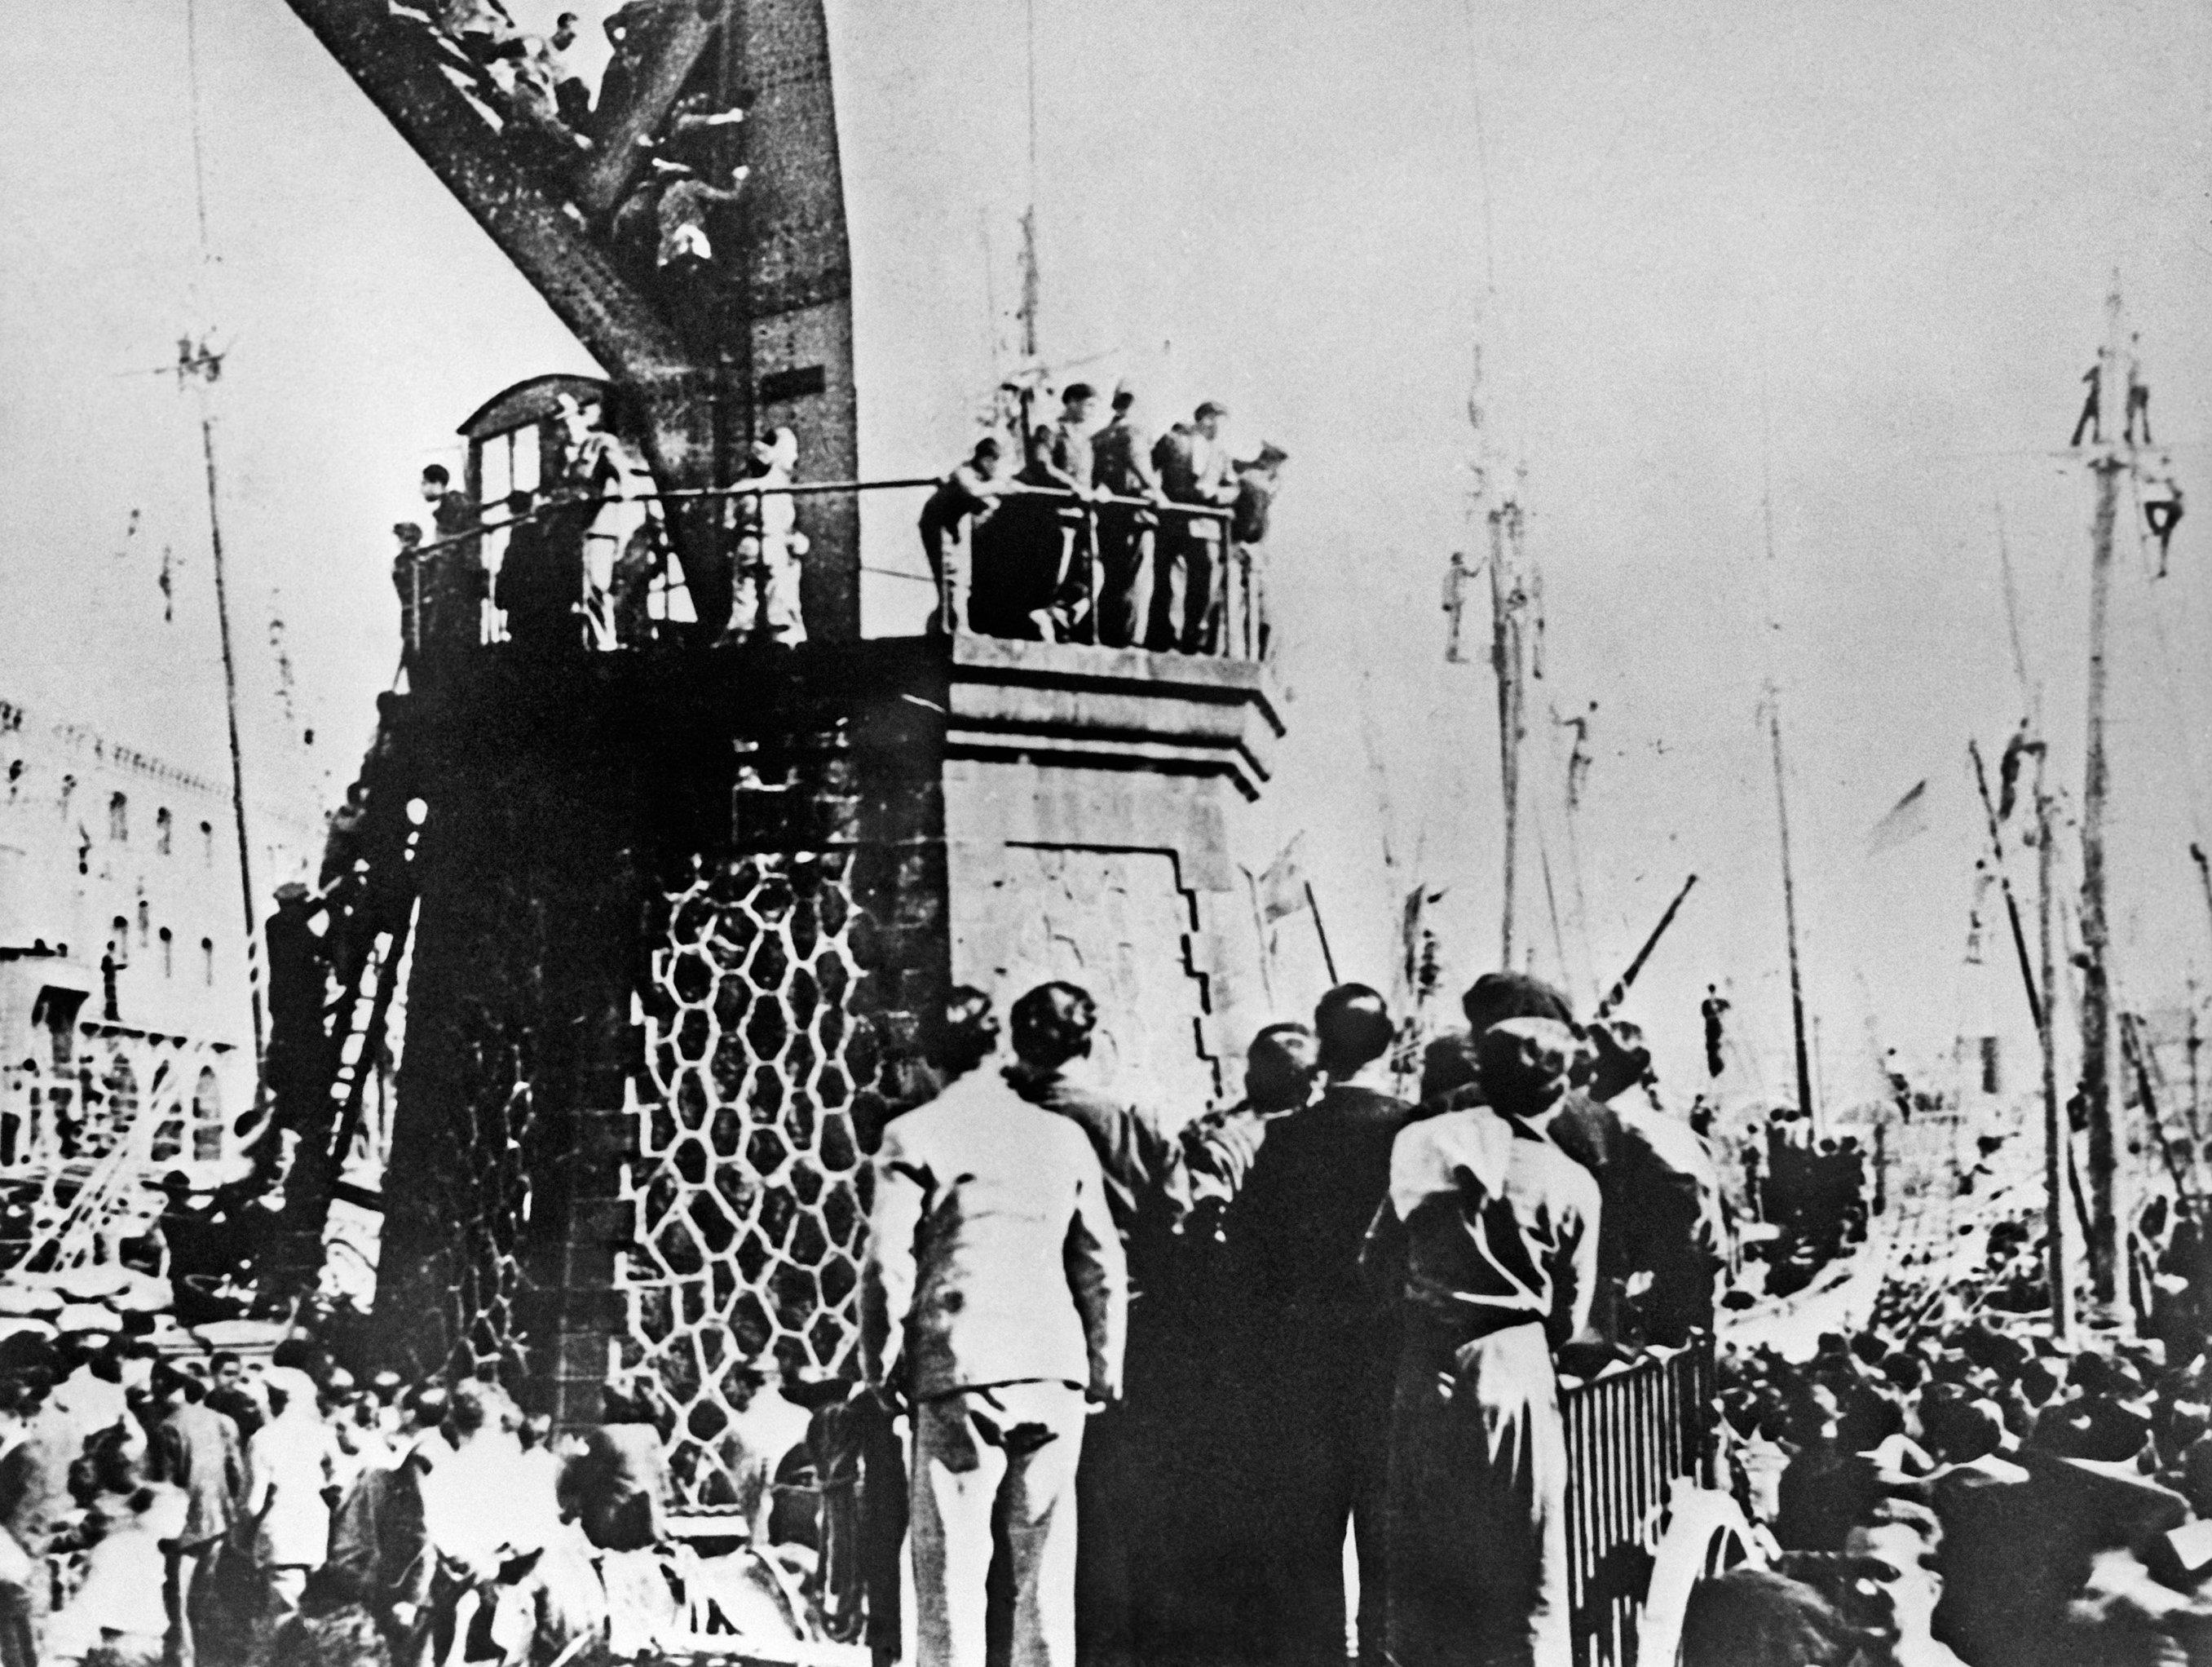 La ayuda de la URSS a la España republicana, El barco soviético 'Zagorsk' llega a Barcelona (archivo del Museo de la revolución en Leningrado)